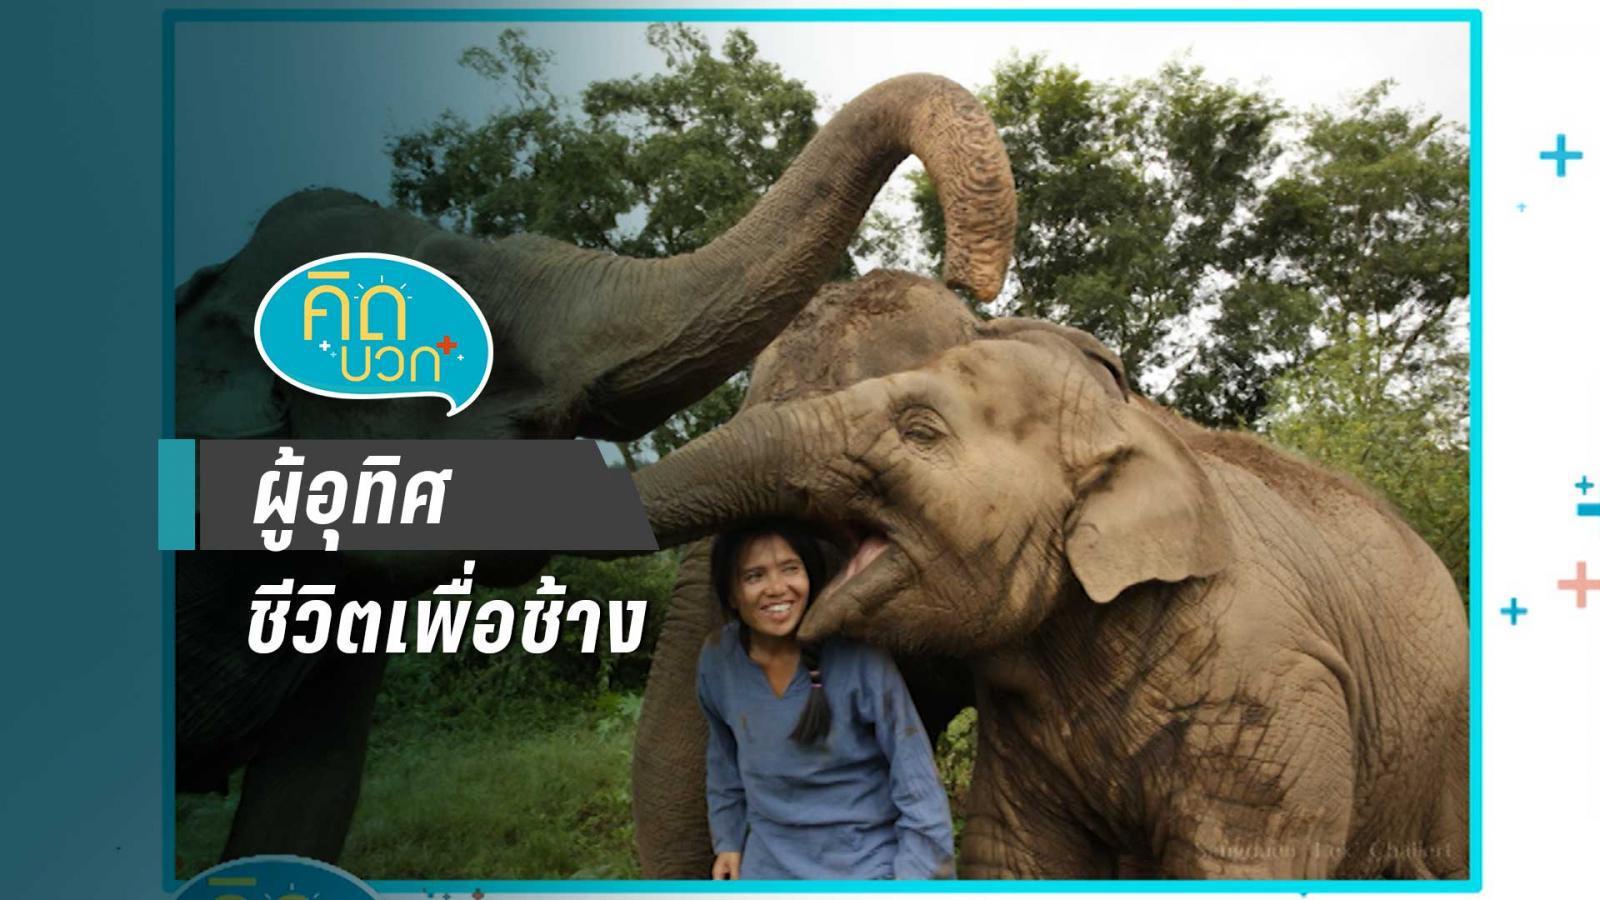 ผู้อุทิศชีวิตเพื่อช้าง